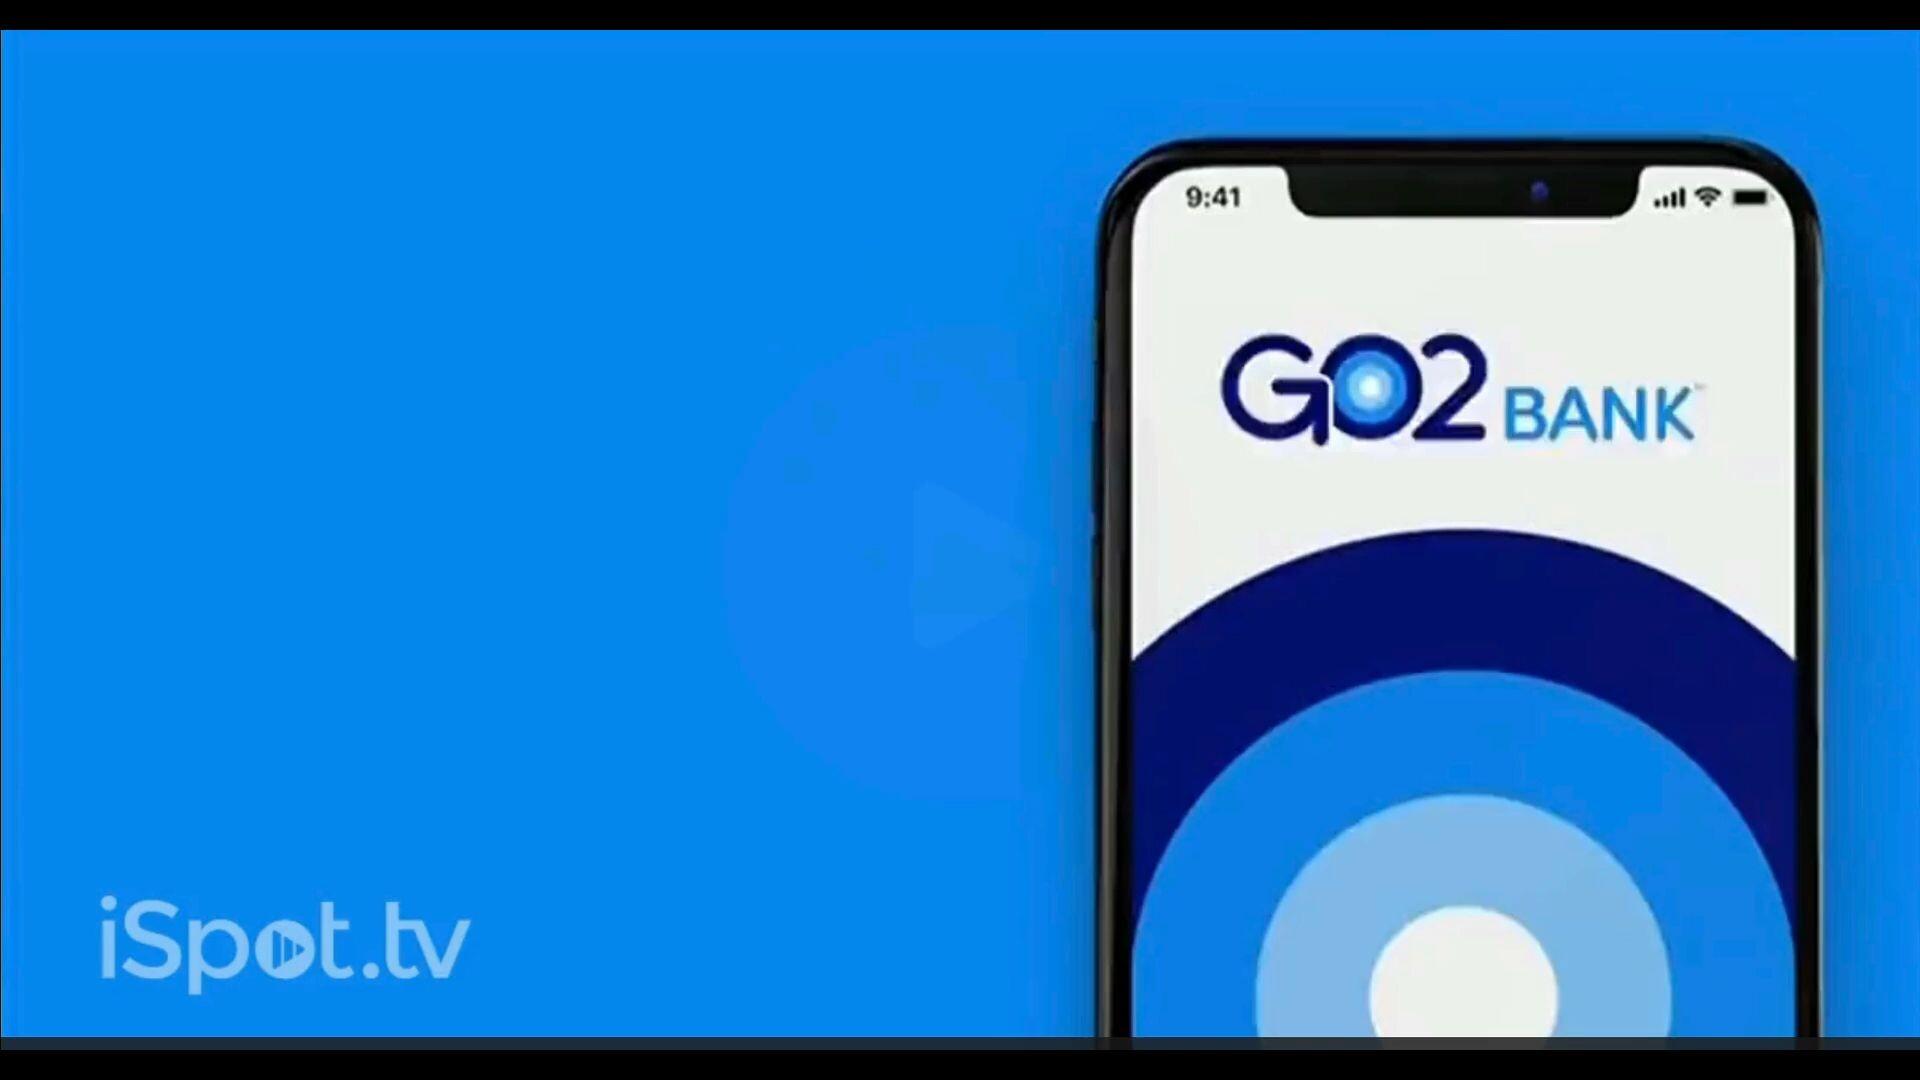 Go2Bank Ulitmate Banking App